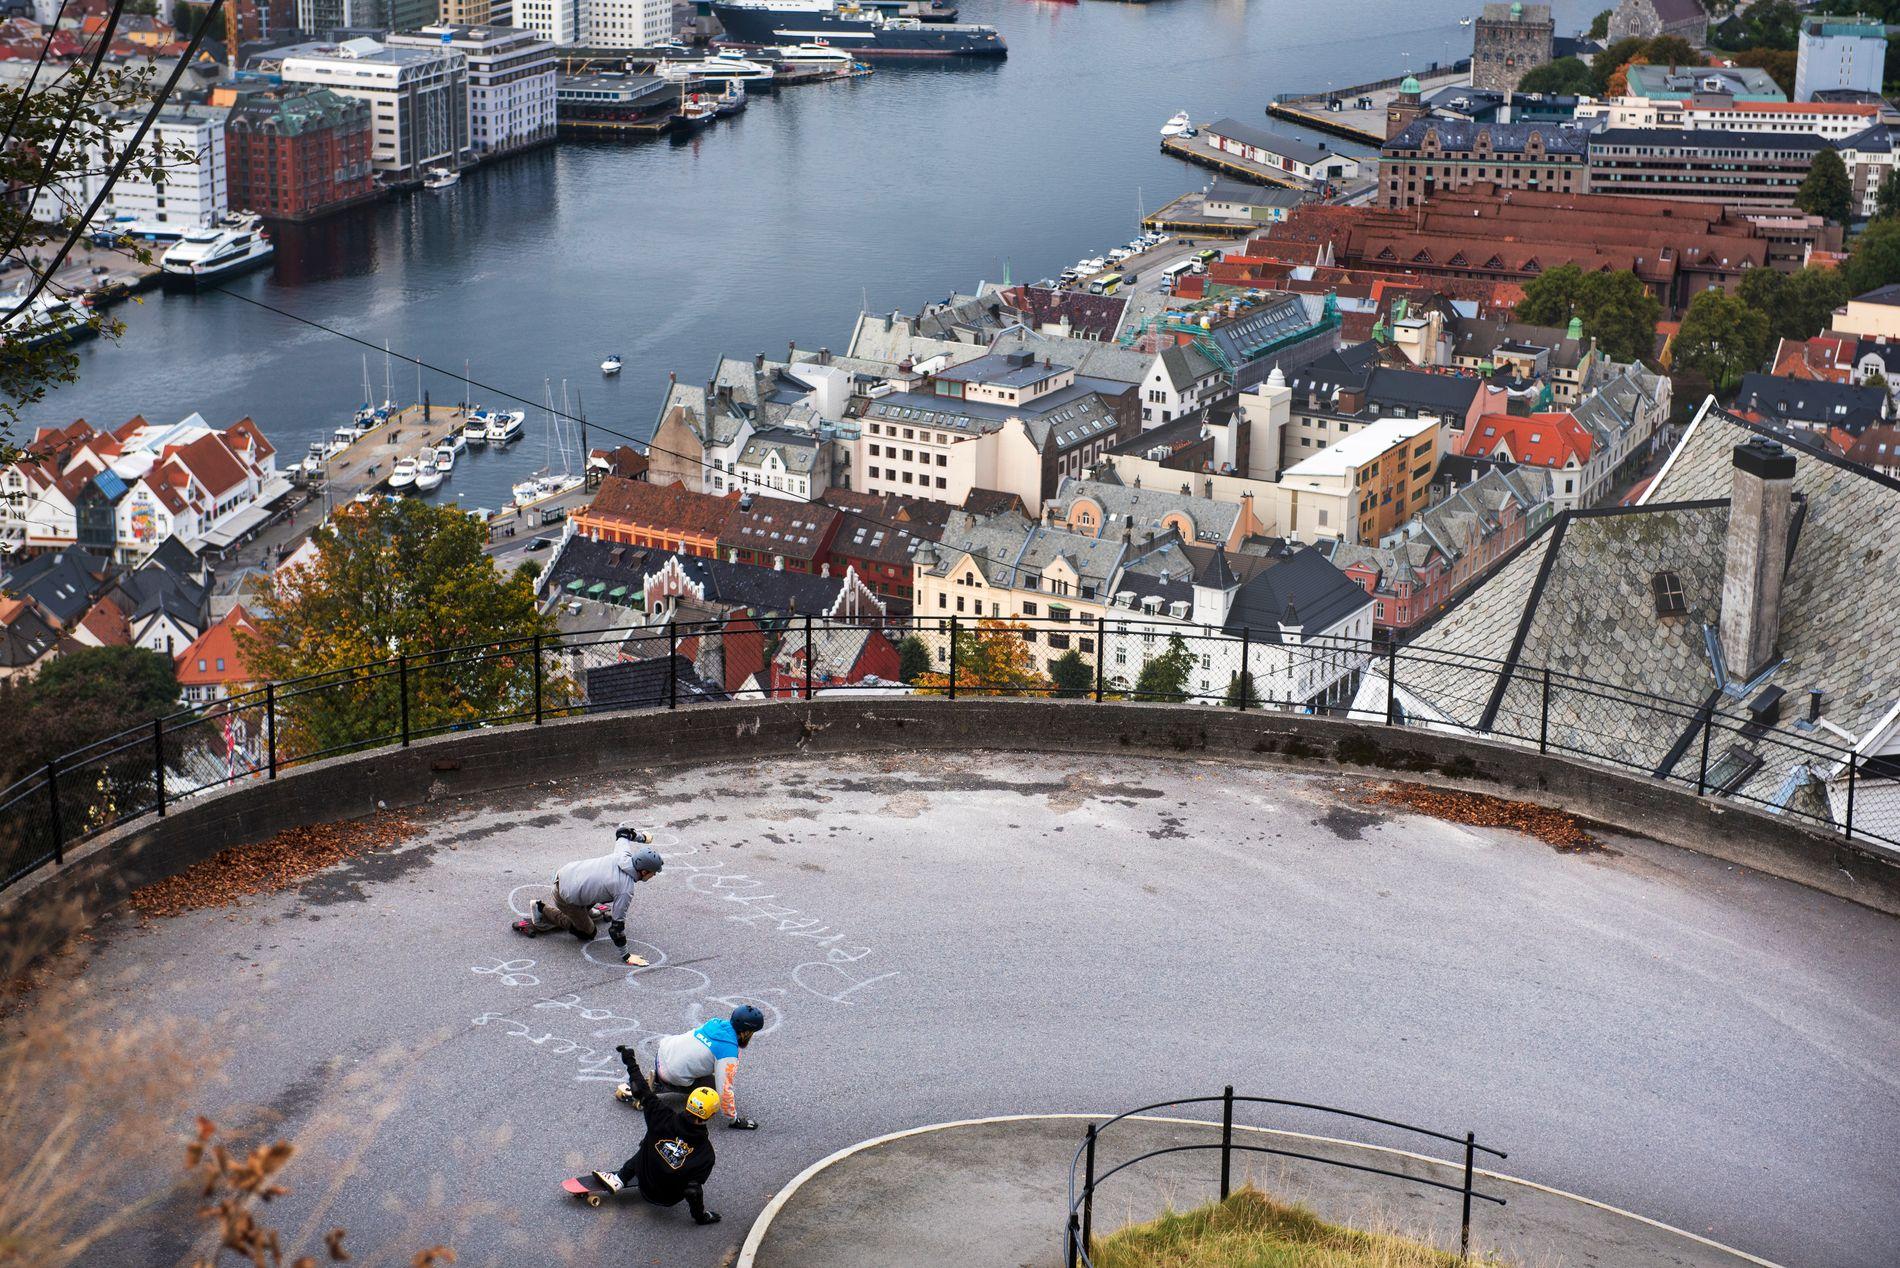 VI VIL HA DINE IDEER: Hvordan kan byen bli enda bedre?